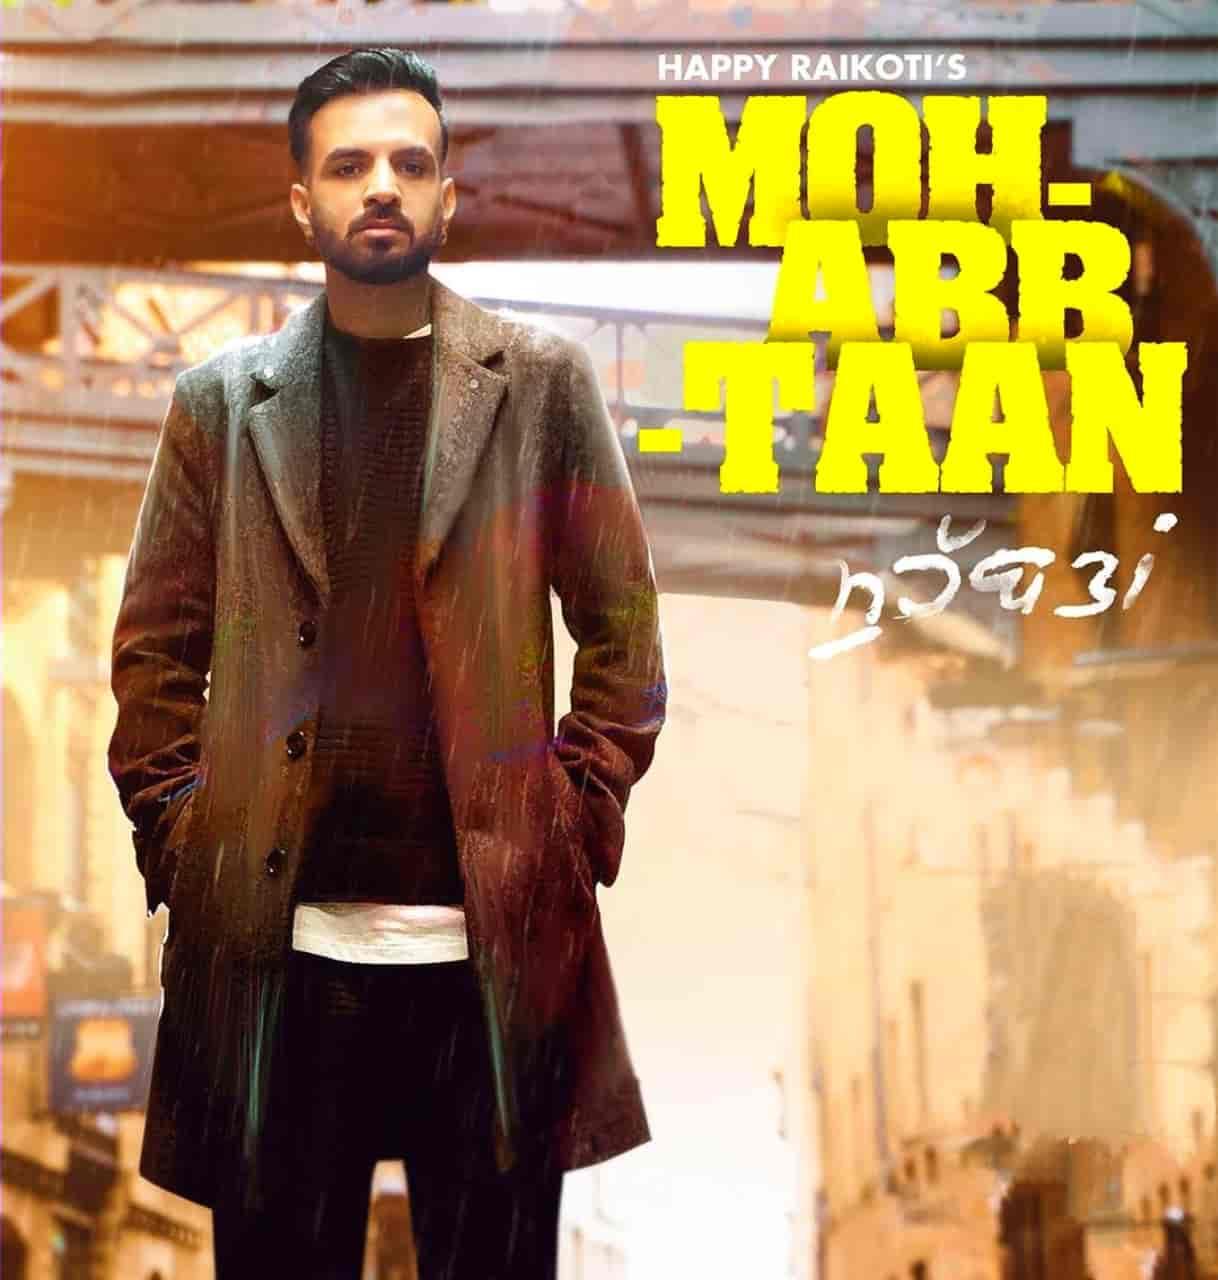 Mohabbtaan Punjabi Song Lyrics Happy Raikoti